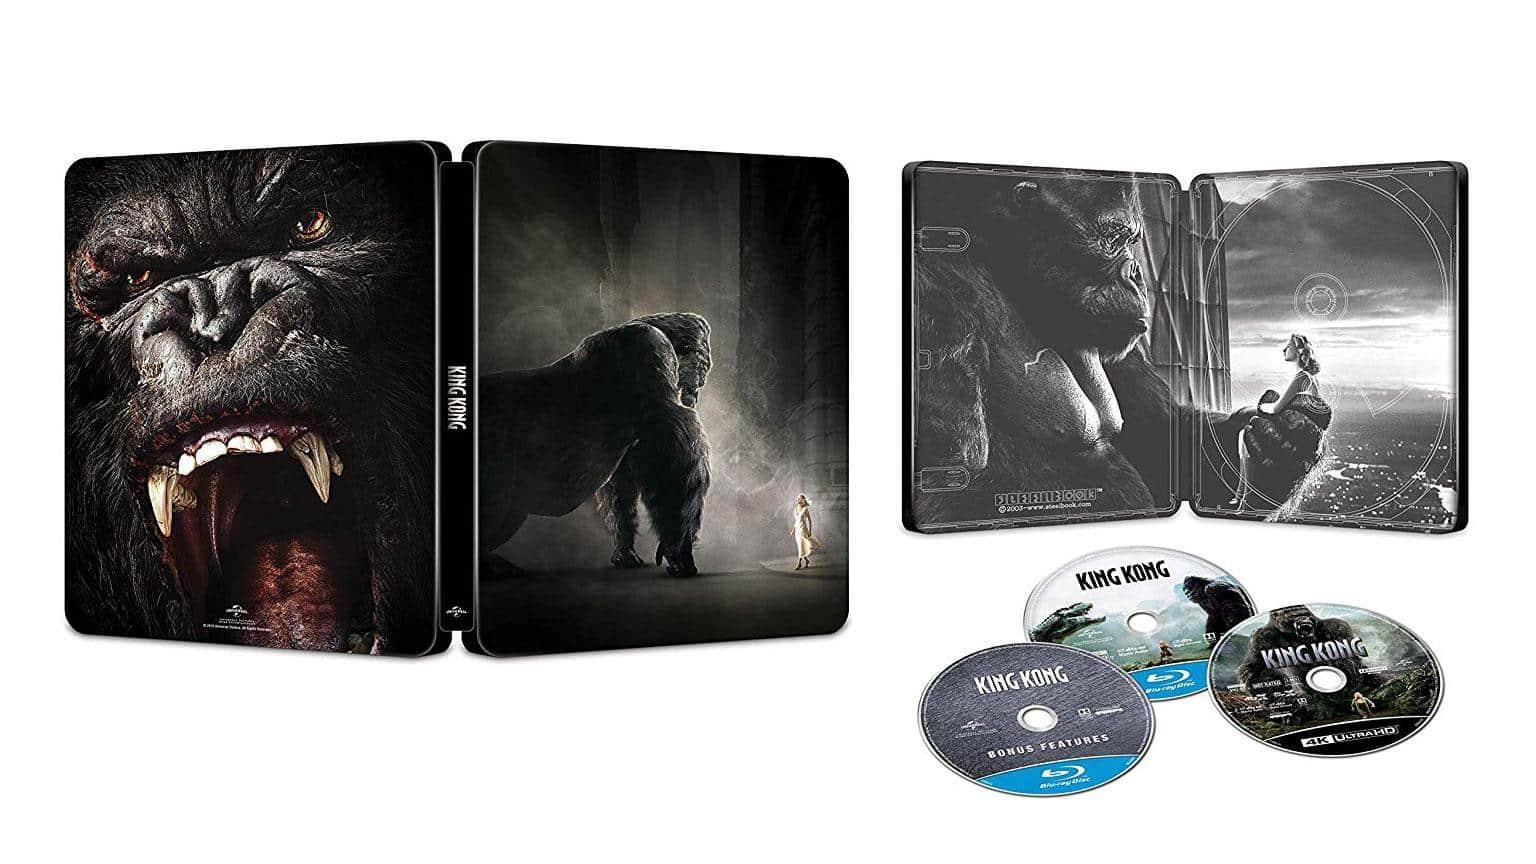 Amazon.it Deal King Kong 4K UHD Steelbook shop kaufen